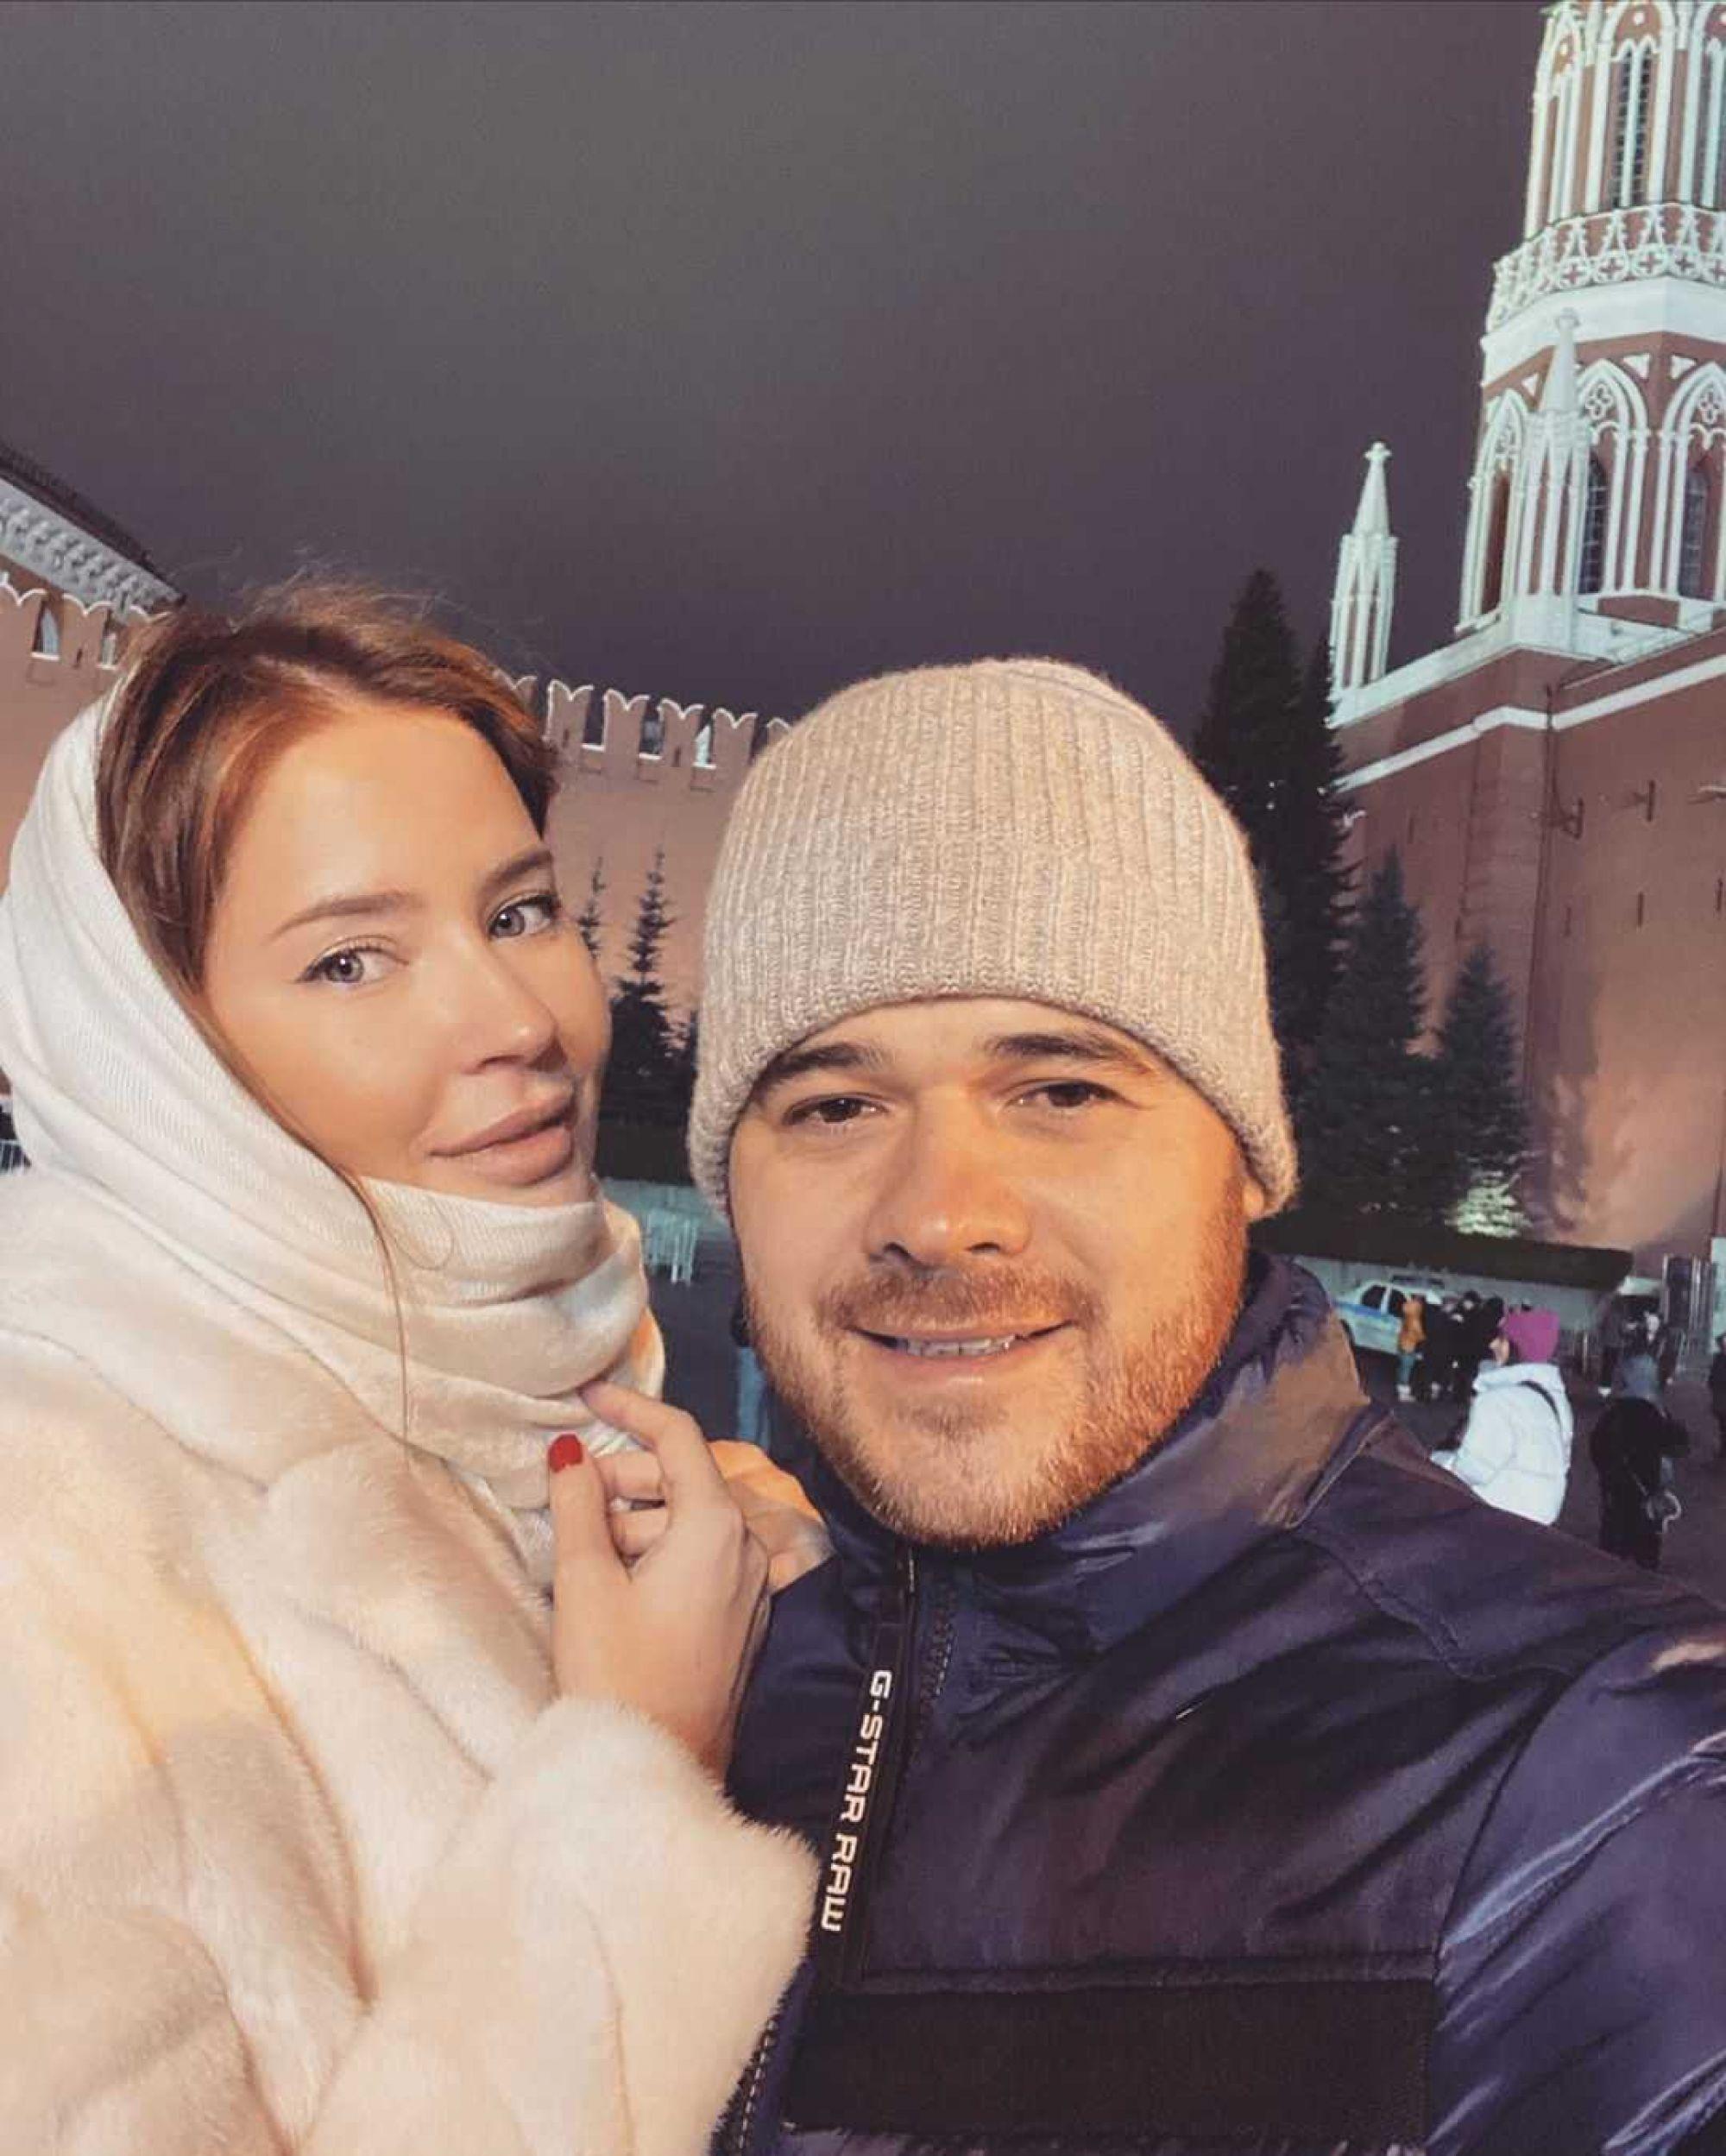 Супруга Эмина Агаларова стала еще красивее после расставания с певцом